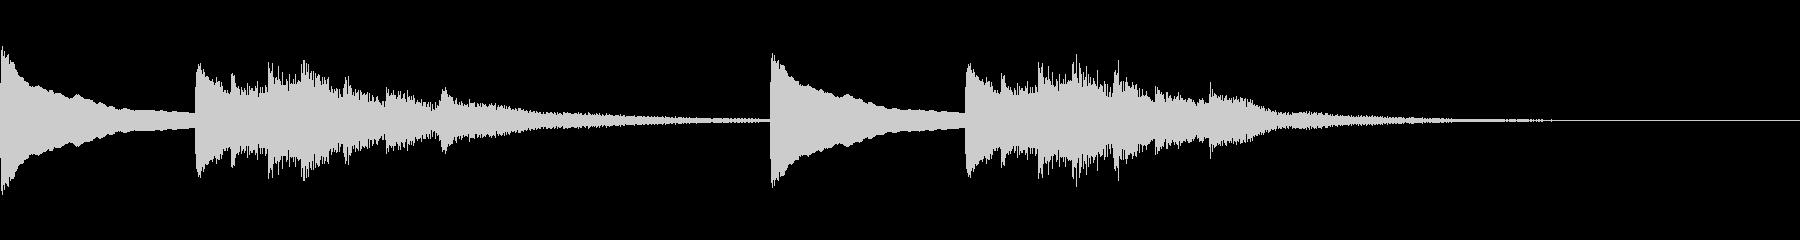 正月!琴!一番有名な曲のジングル版2の未再生の波形